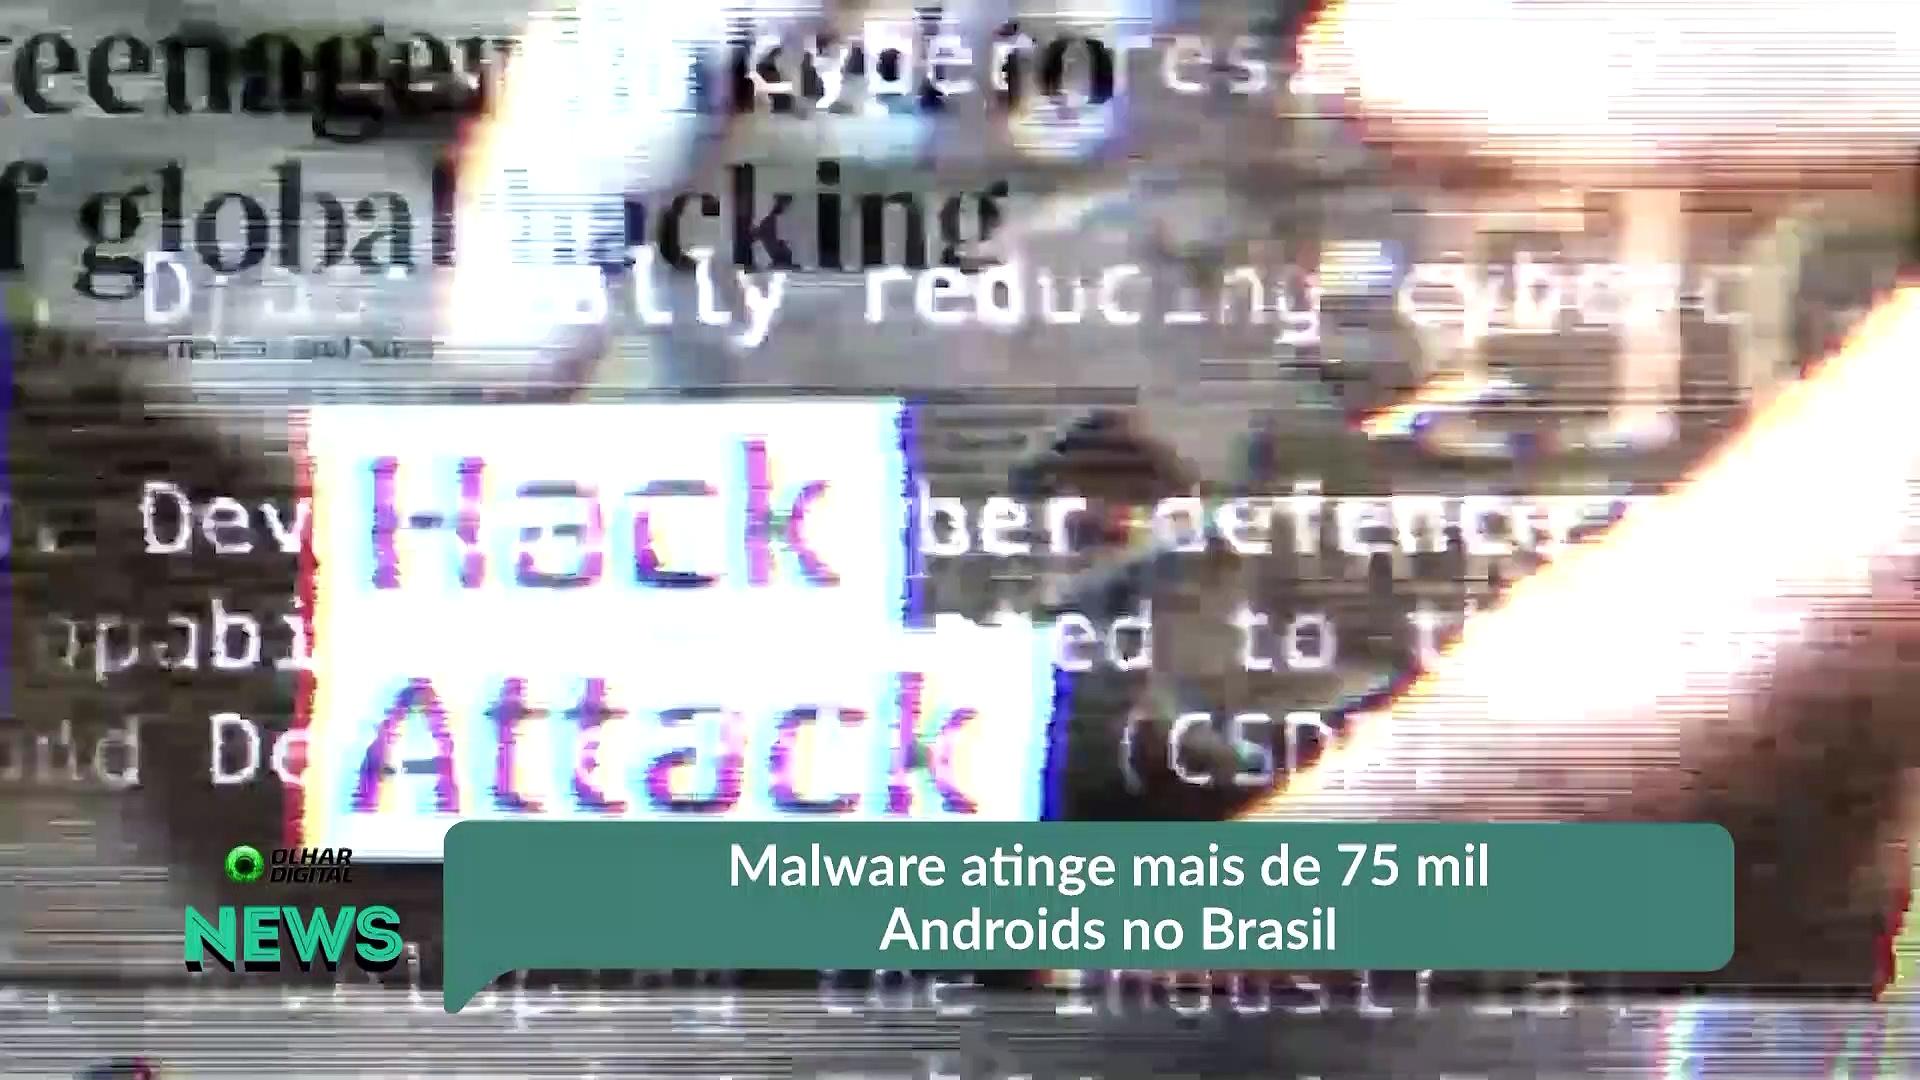 Malware atinge mais de 75 mil Androids no Brasil